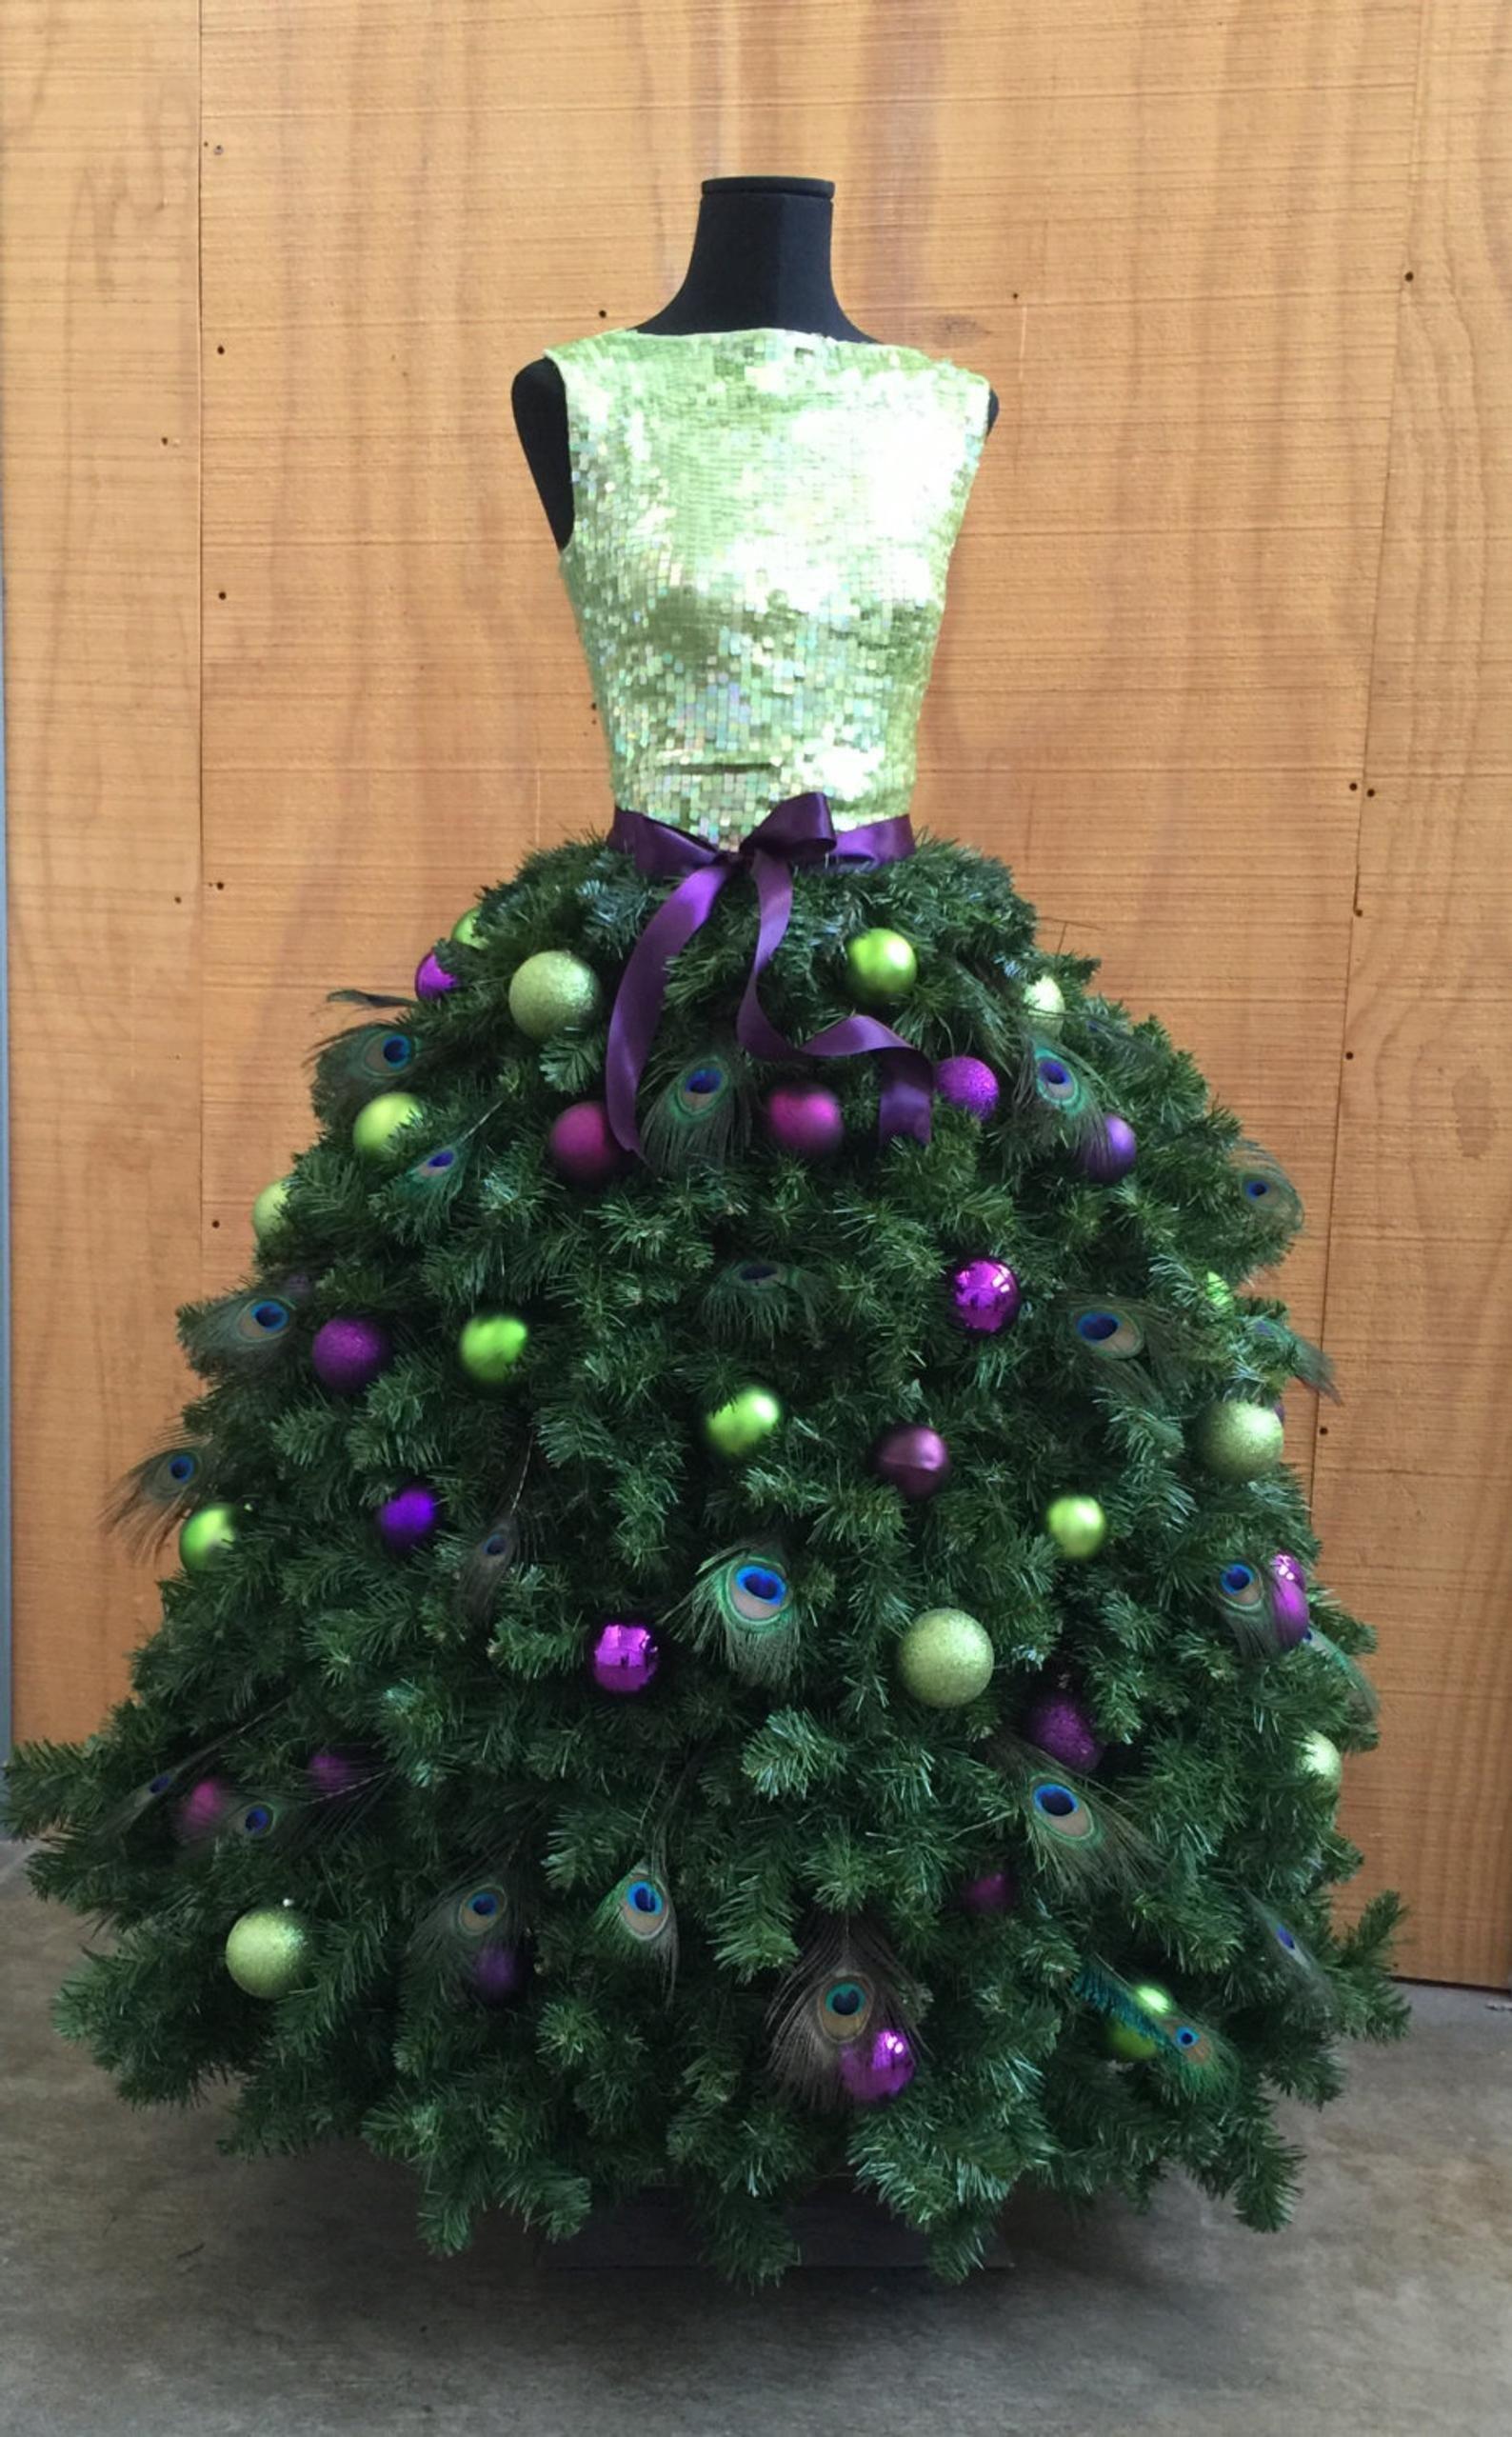 Ebook Tutorial Diy Elegant Fashion Themed Christmas Tree With Etsy Dress Form Christmas Tree Christmas Tree Dress Mannequin Christmas Tree